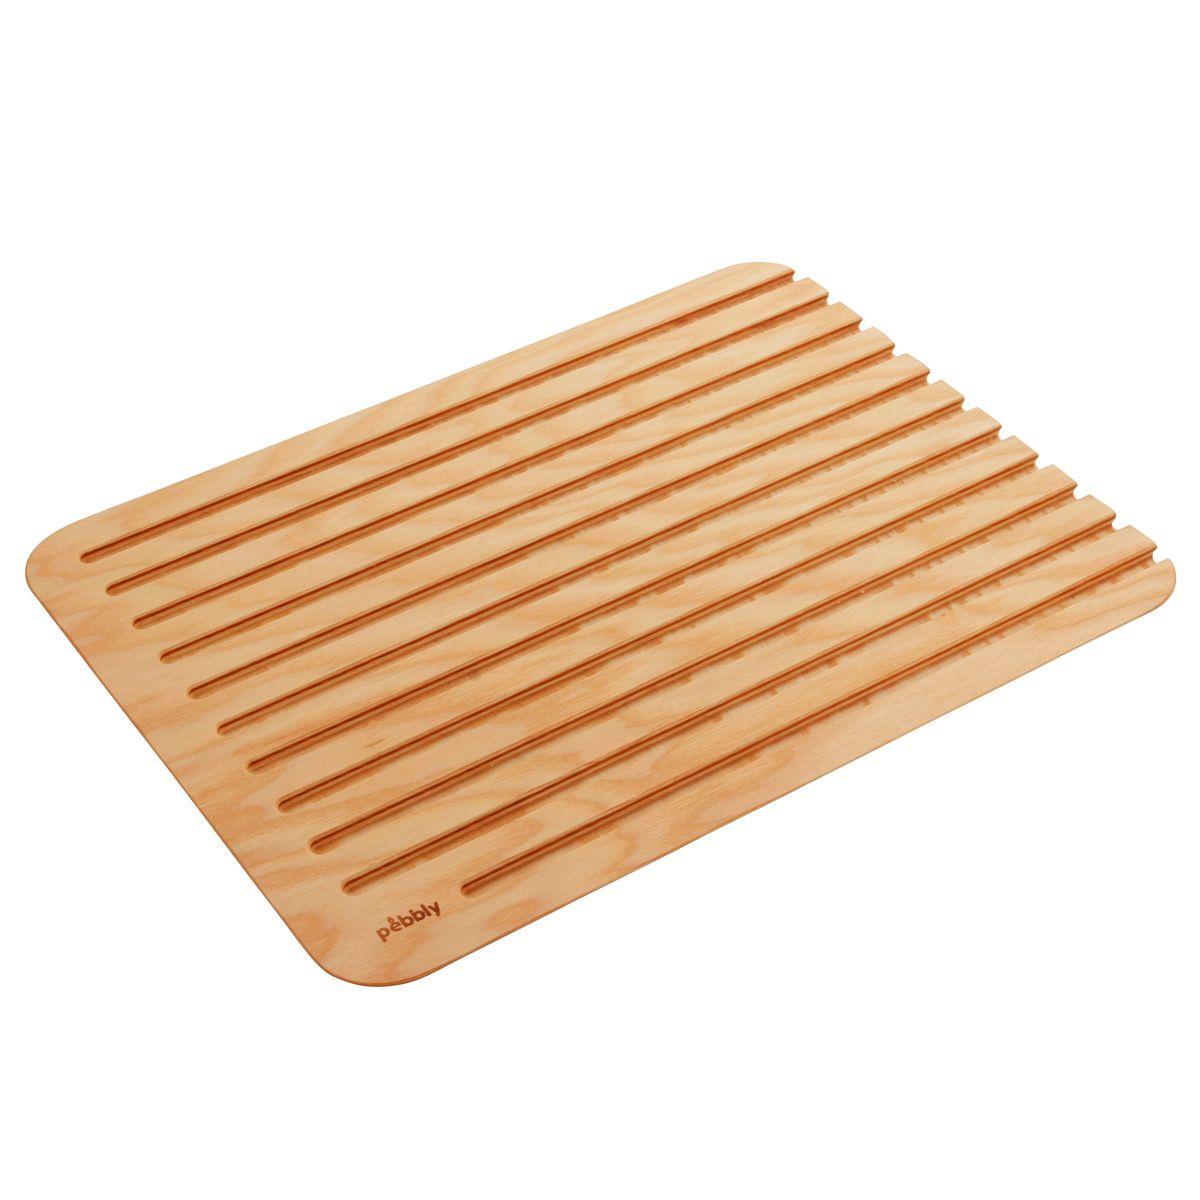 Planche à découper en bois XL 50 x 40 cm - Pebbly